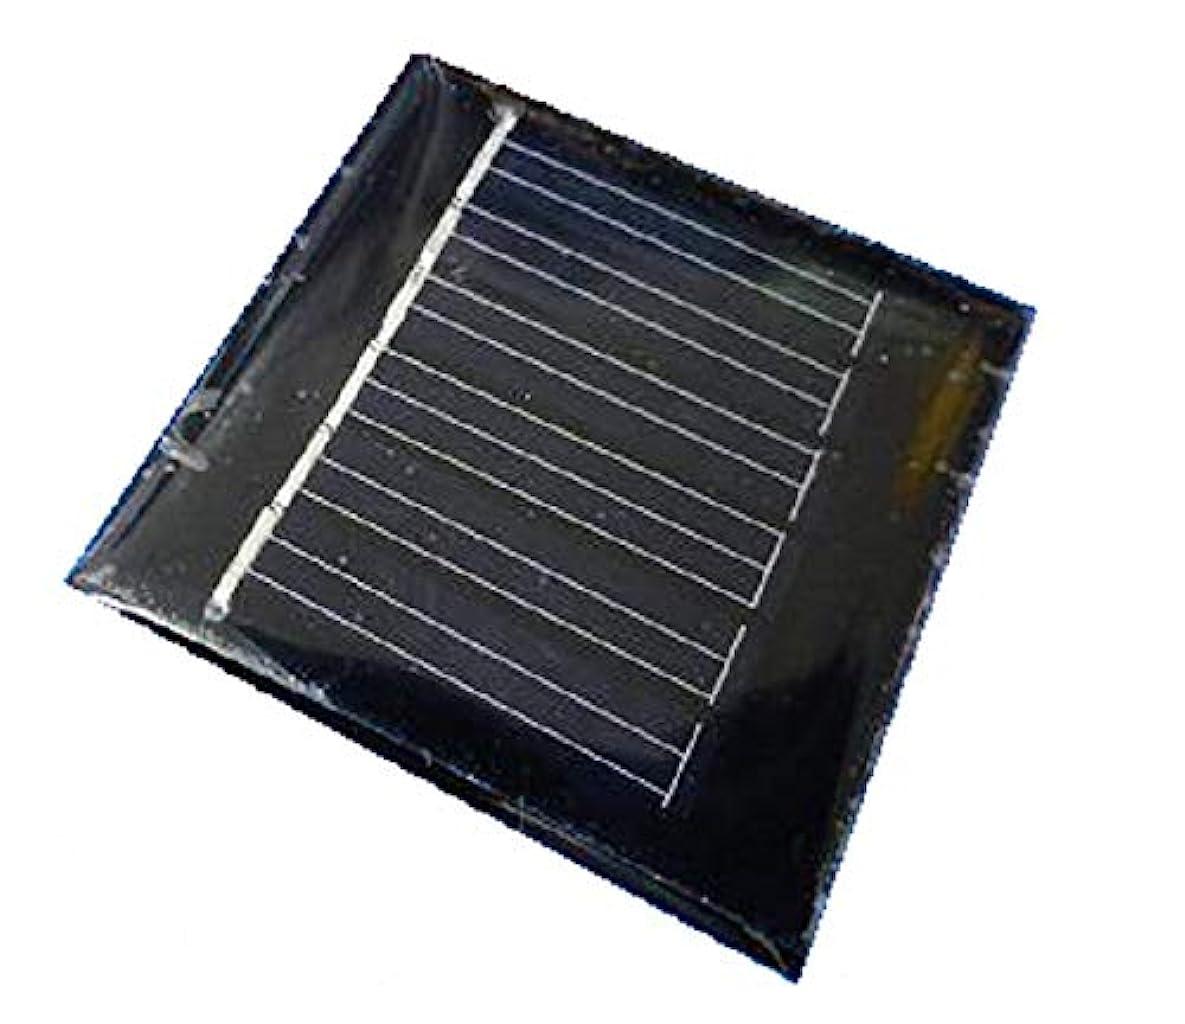 サージお誕生日シェーバー工作用太陽電池 約42x42mm 3v40mA 1枚入<psp-300>